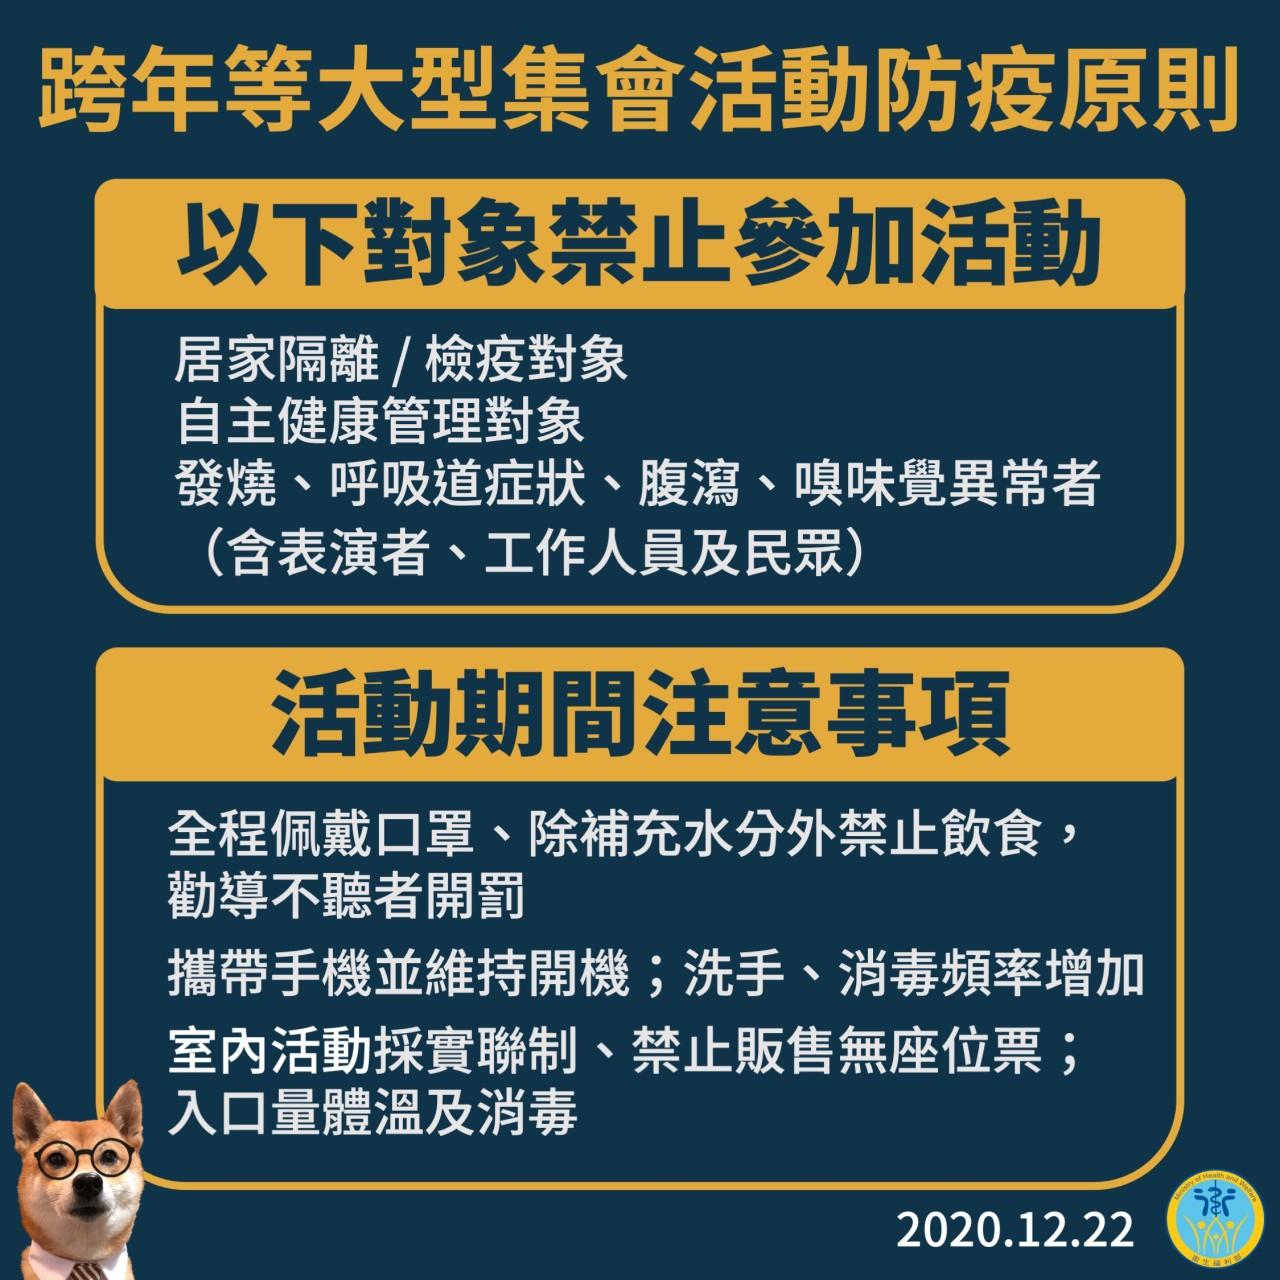 跨年等大型集會活動防疫原則